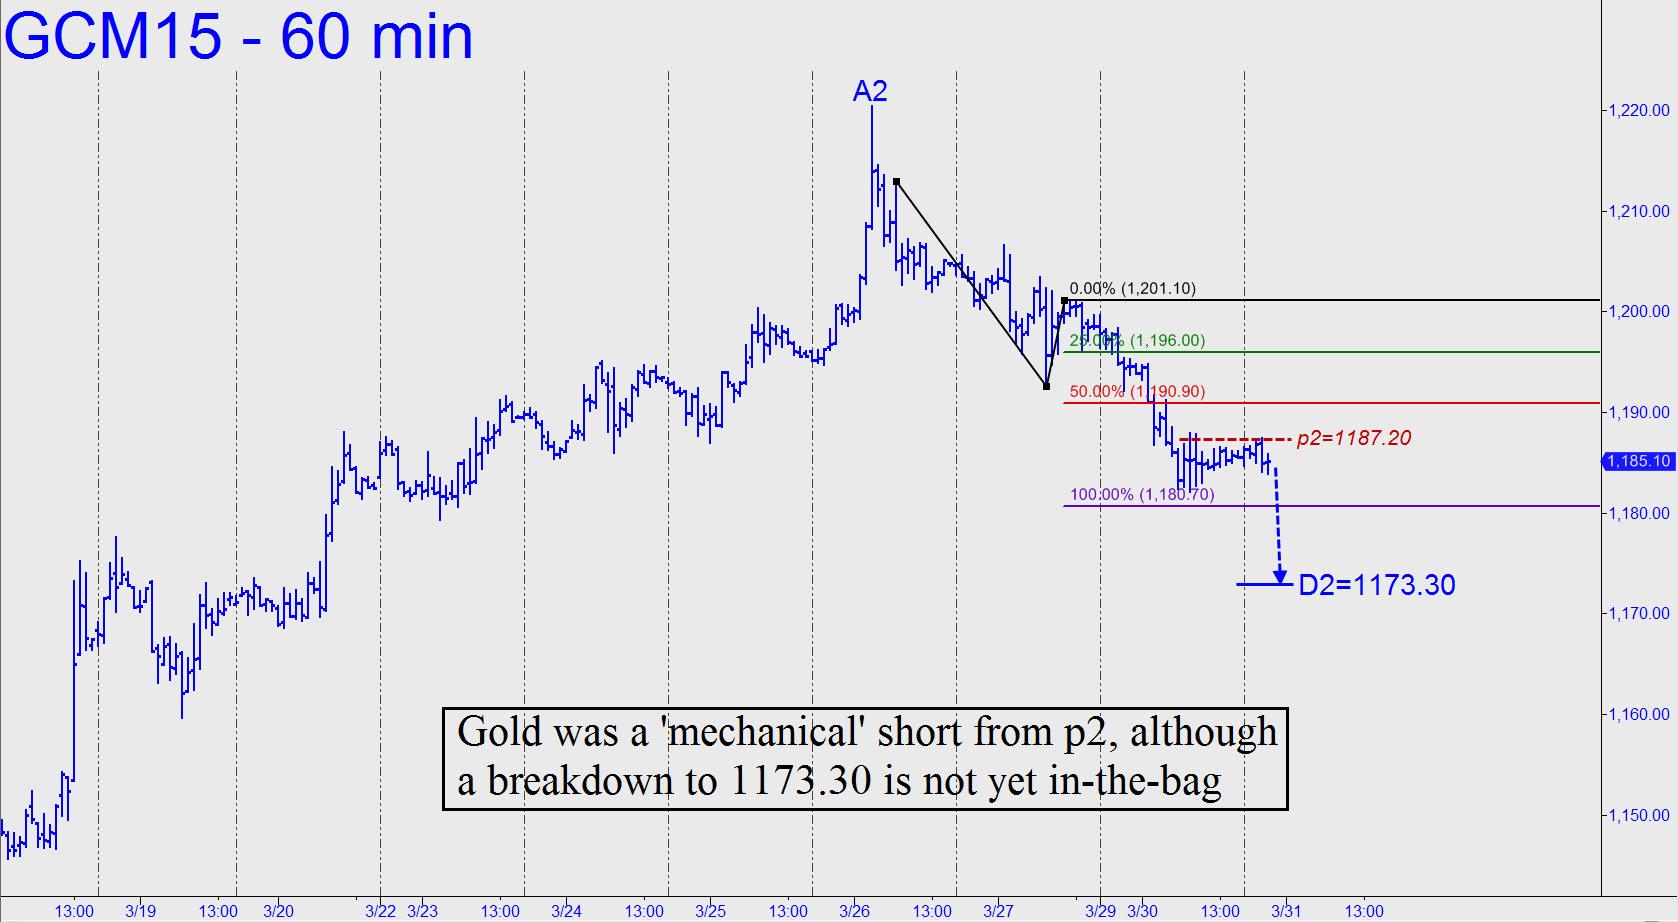 prix de l'or, de l'argent et des minières / suivi 2015 et ultérieurement - Page 2 Gold-was-a-mechanical-short